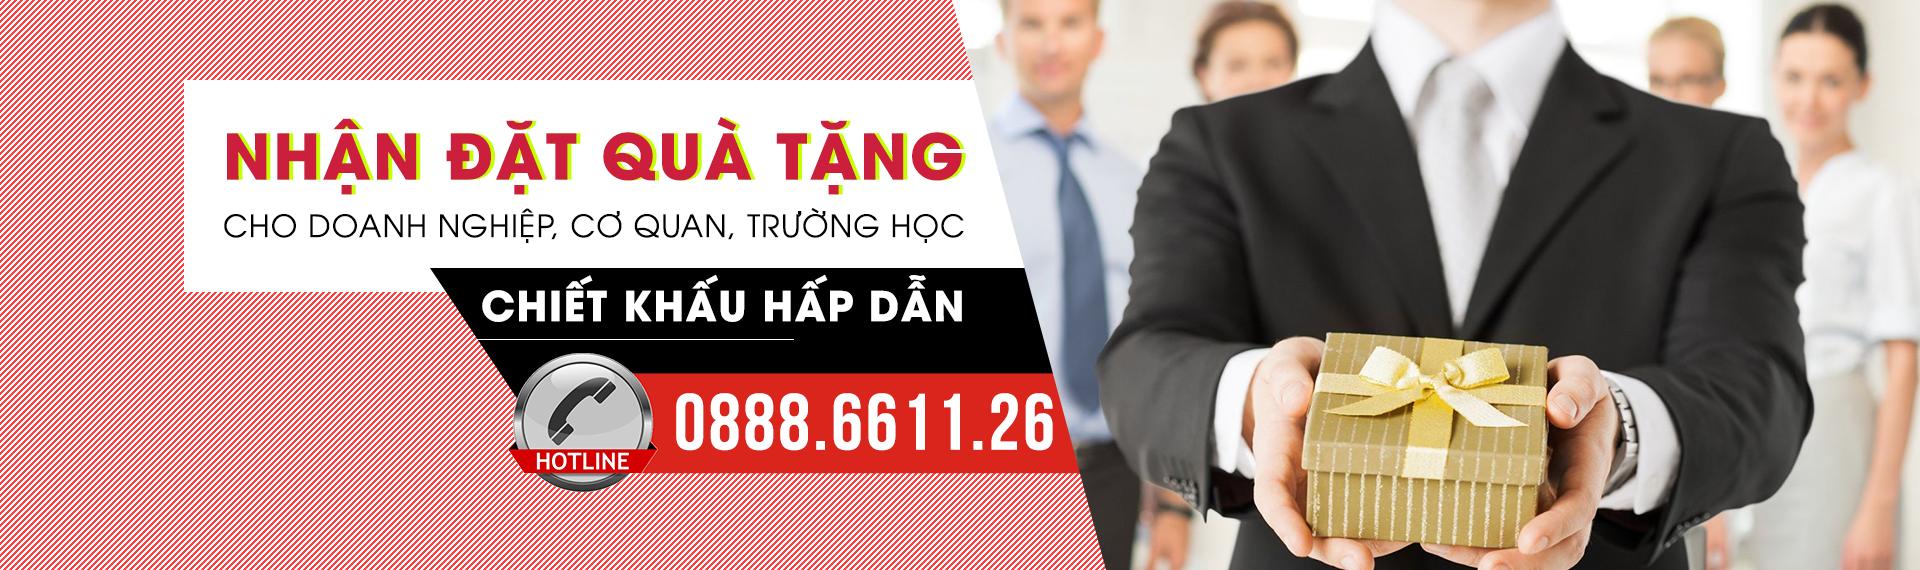 qua-tang-doanh-nghiep